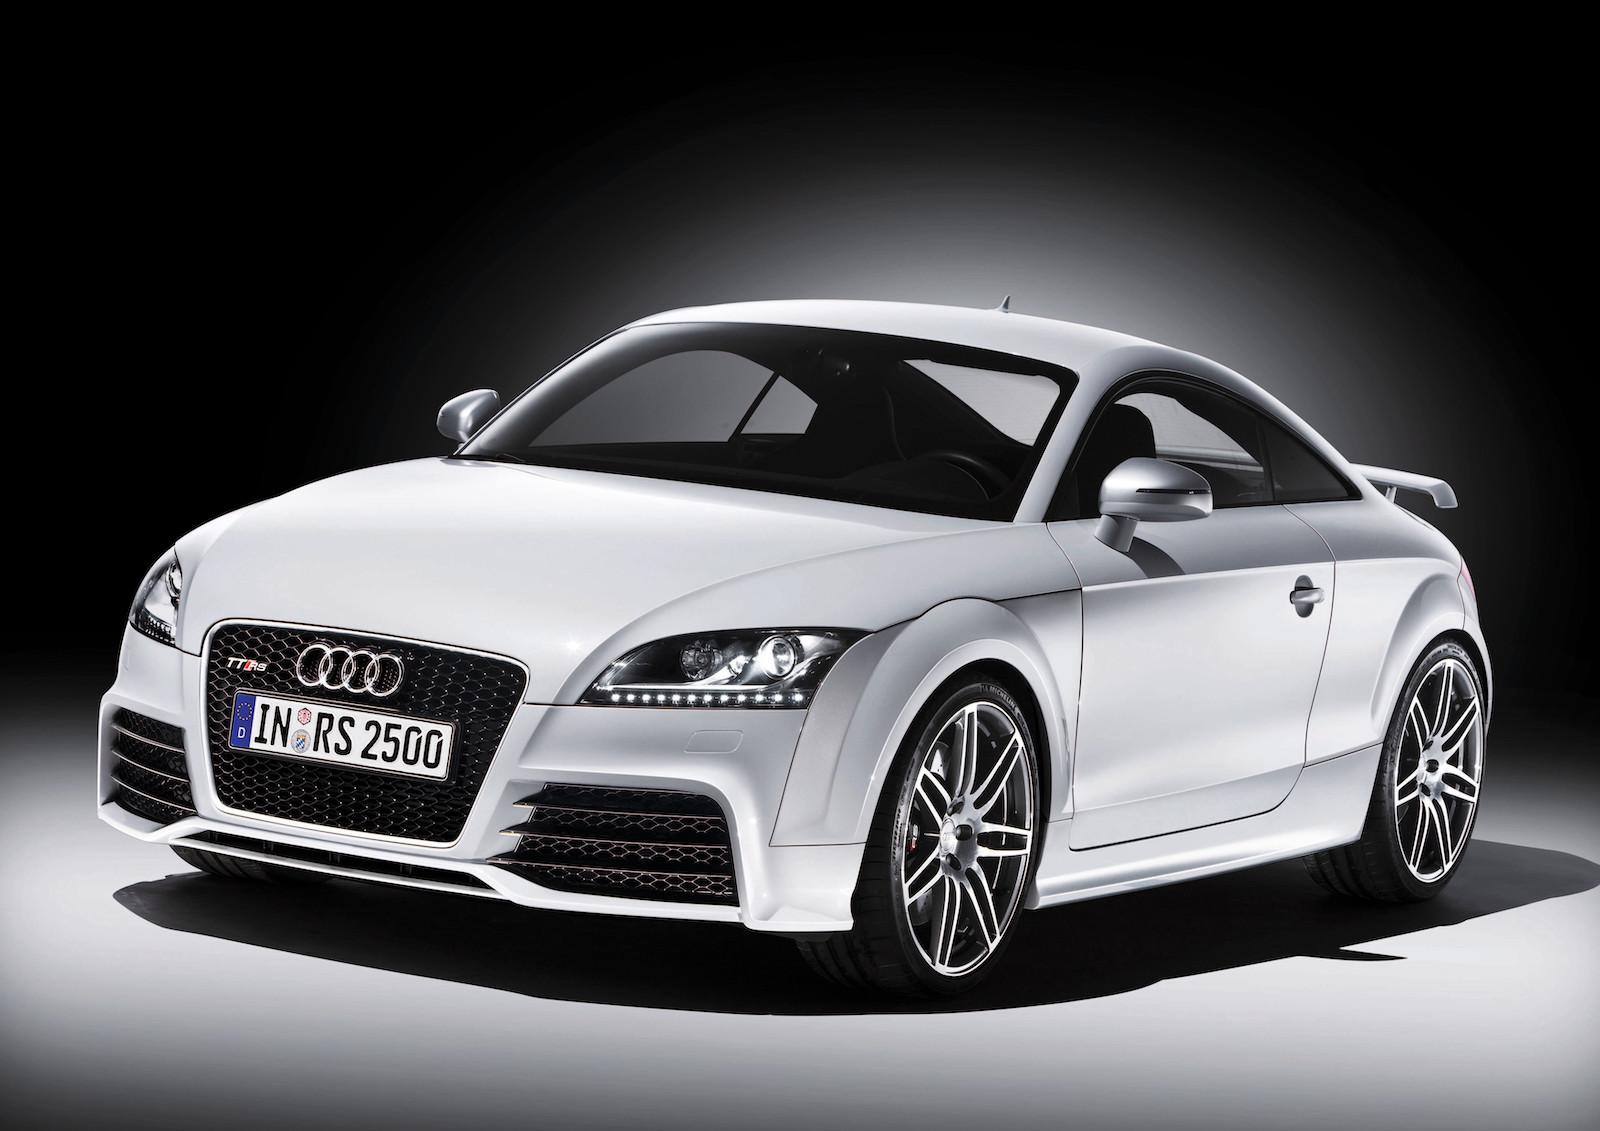 Audi-TT-RS-MK2-Disques-voiles-4.jpg